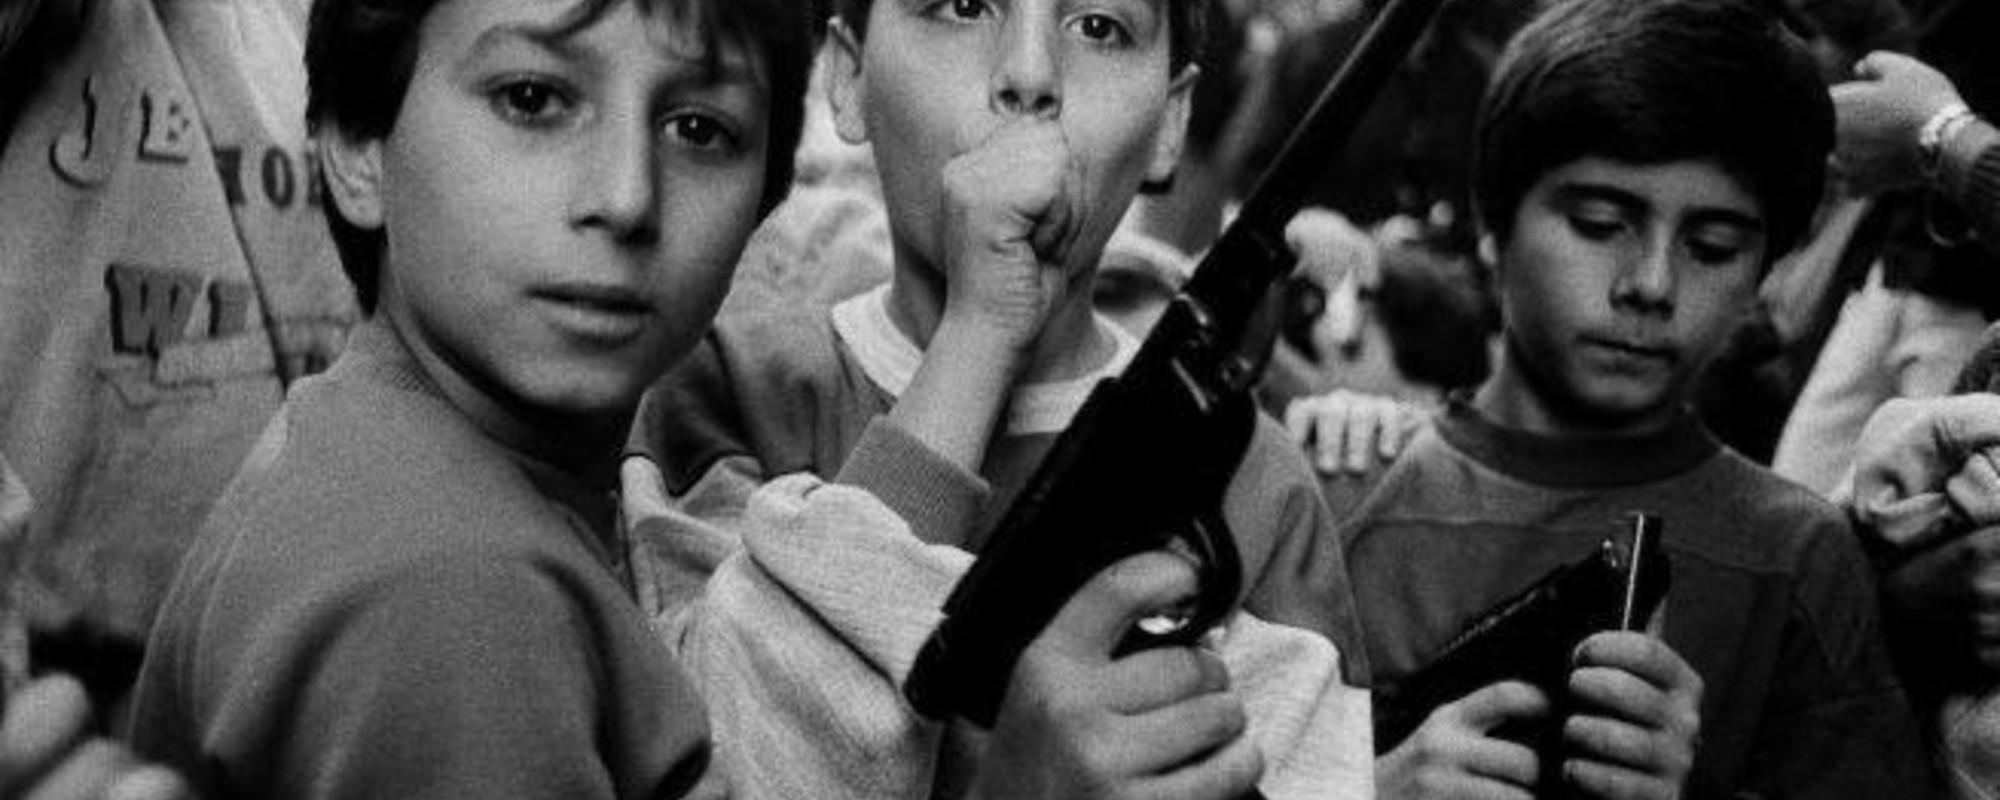 Kunsten at fotografere Siciliens mafiosoer og den smerte, de forvolder